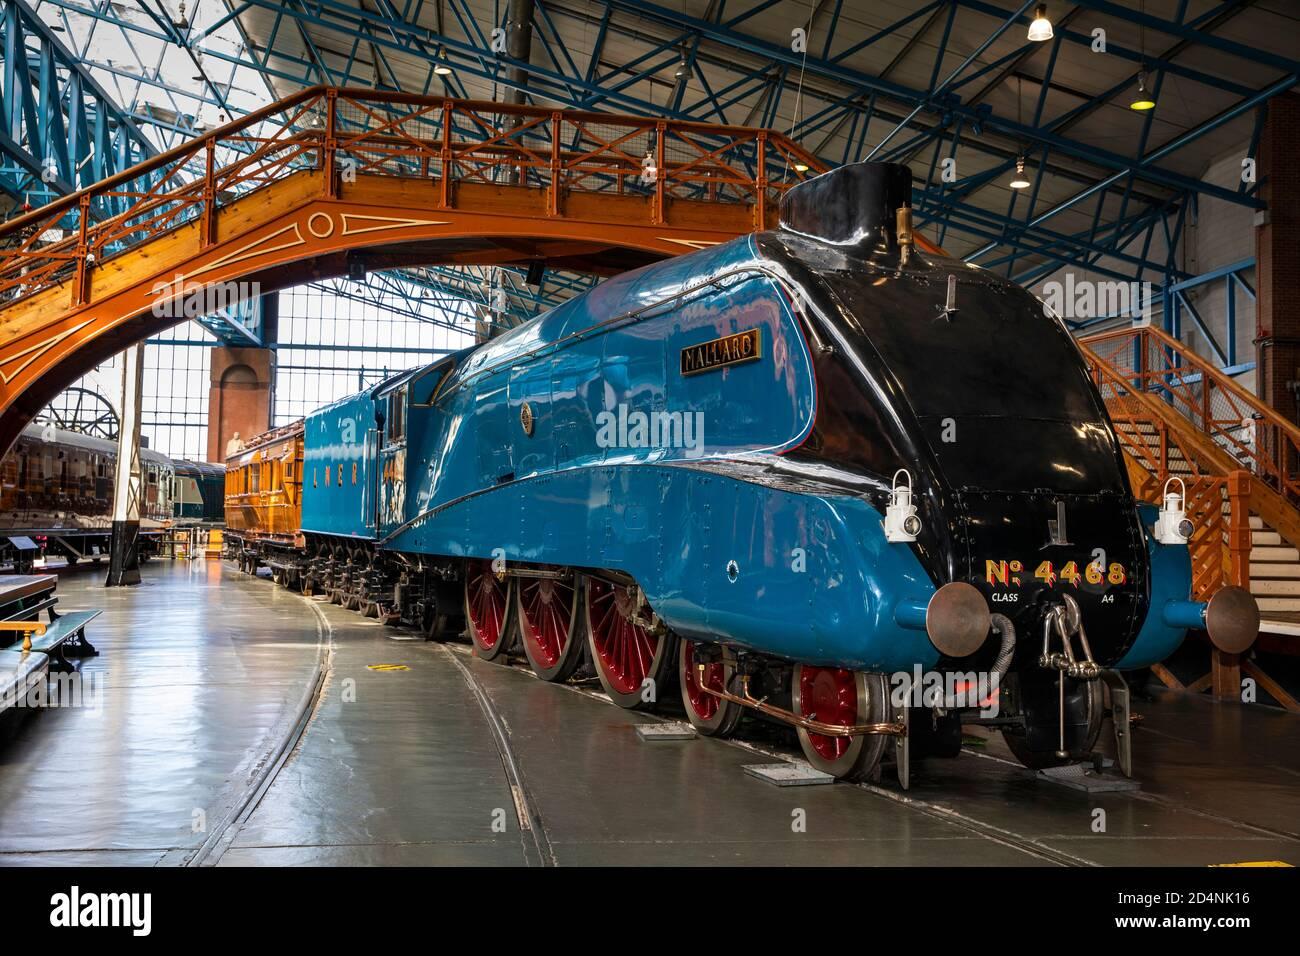 Royaume-Uni, Angleterre, Yorkshire, York, National Railway Museum, Mallard, locomotive de classe A4, détenteur du record mondial de vitesse 1938 mph Banque D'Images